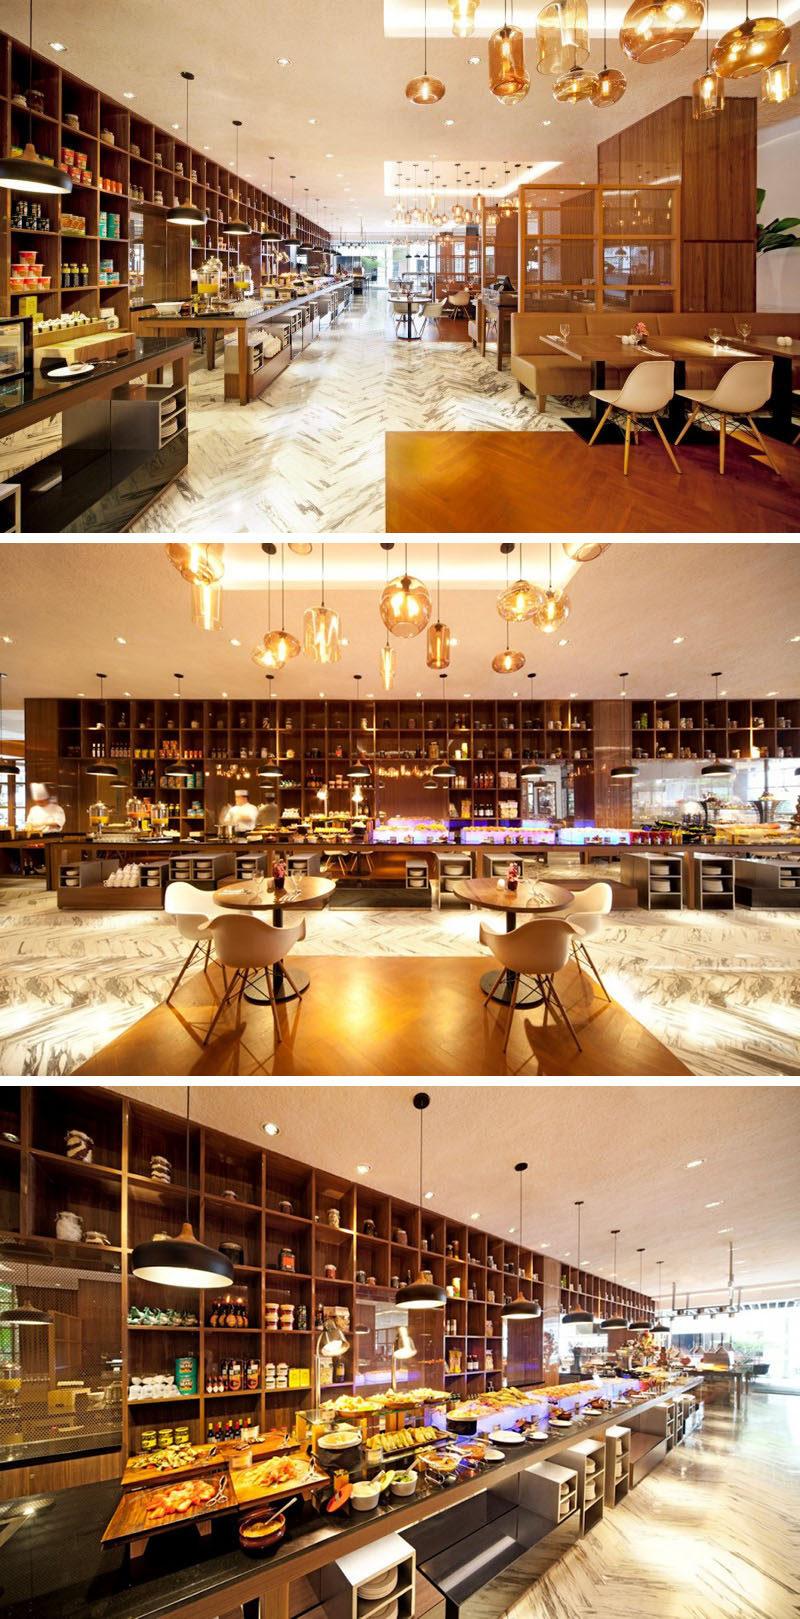 10 cửa hàng cà phê độc đáo ở Châu Á / designphse dba đã thiết kế nhà hàng Element Cafe ở Singapore, một quán cà phê sang trọng gắn liền với khách sạn có sàn lát đá cẩm thạch, chi tiết bằng vàng và những tông màu phong phú để tạo bầu không khí ấm cúng, lãng mạn.